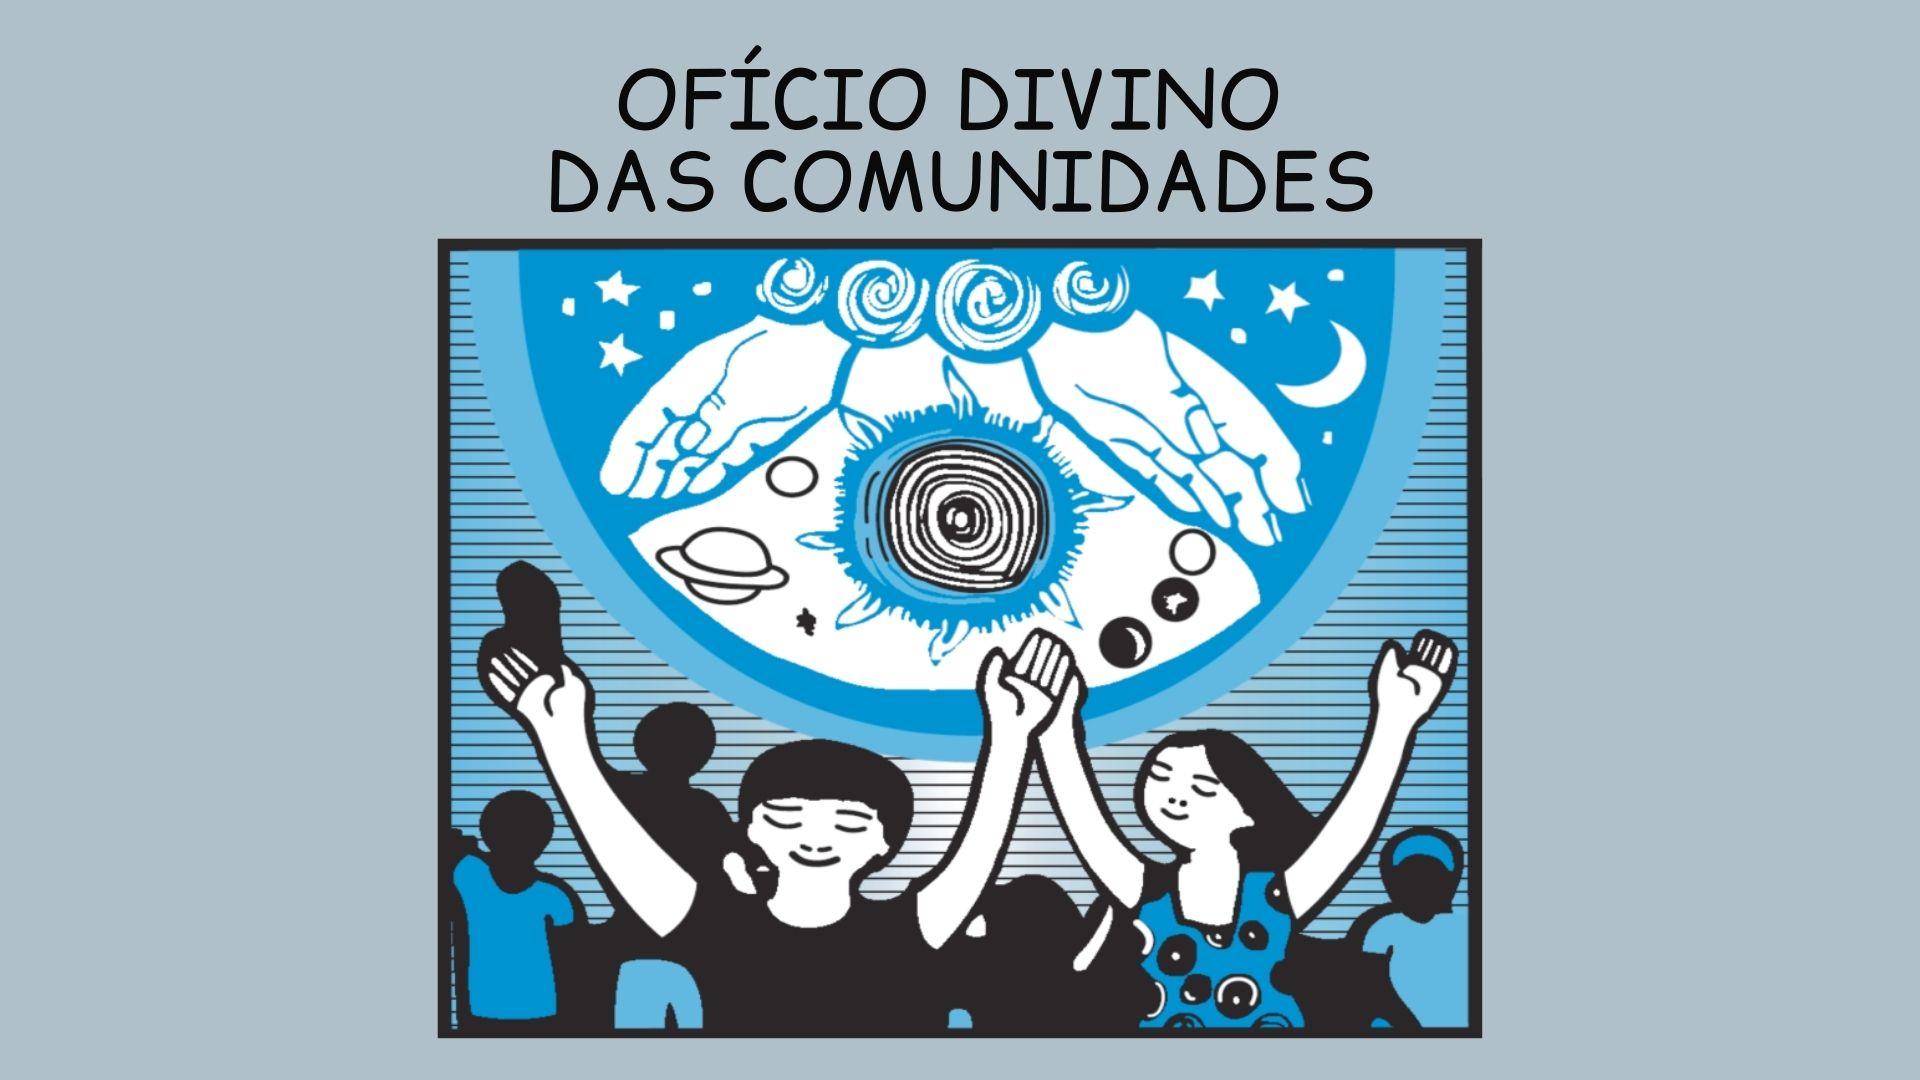 SÁBADO SANTO DA SEPULTURA DO SENHOR- OFÍCIO DA MANHÃ